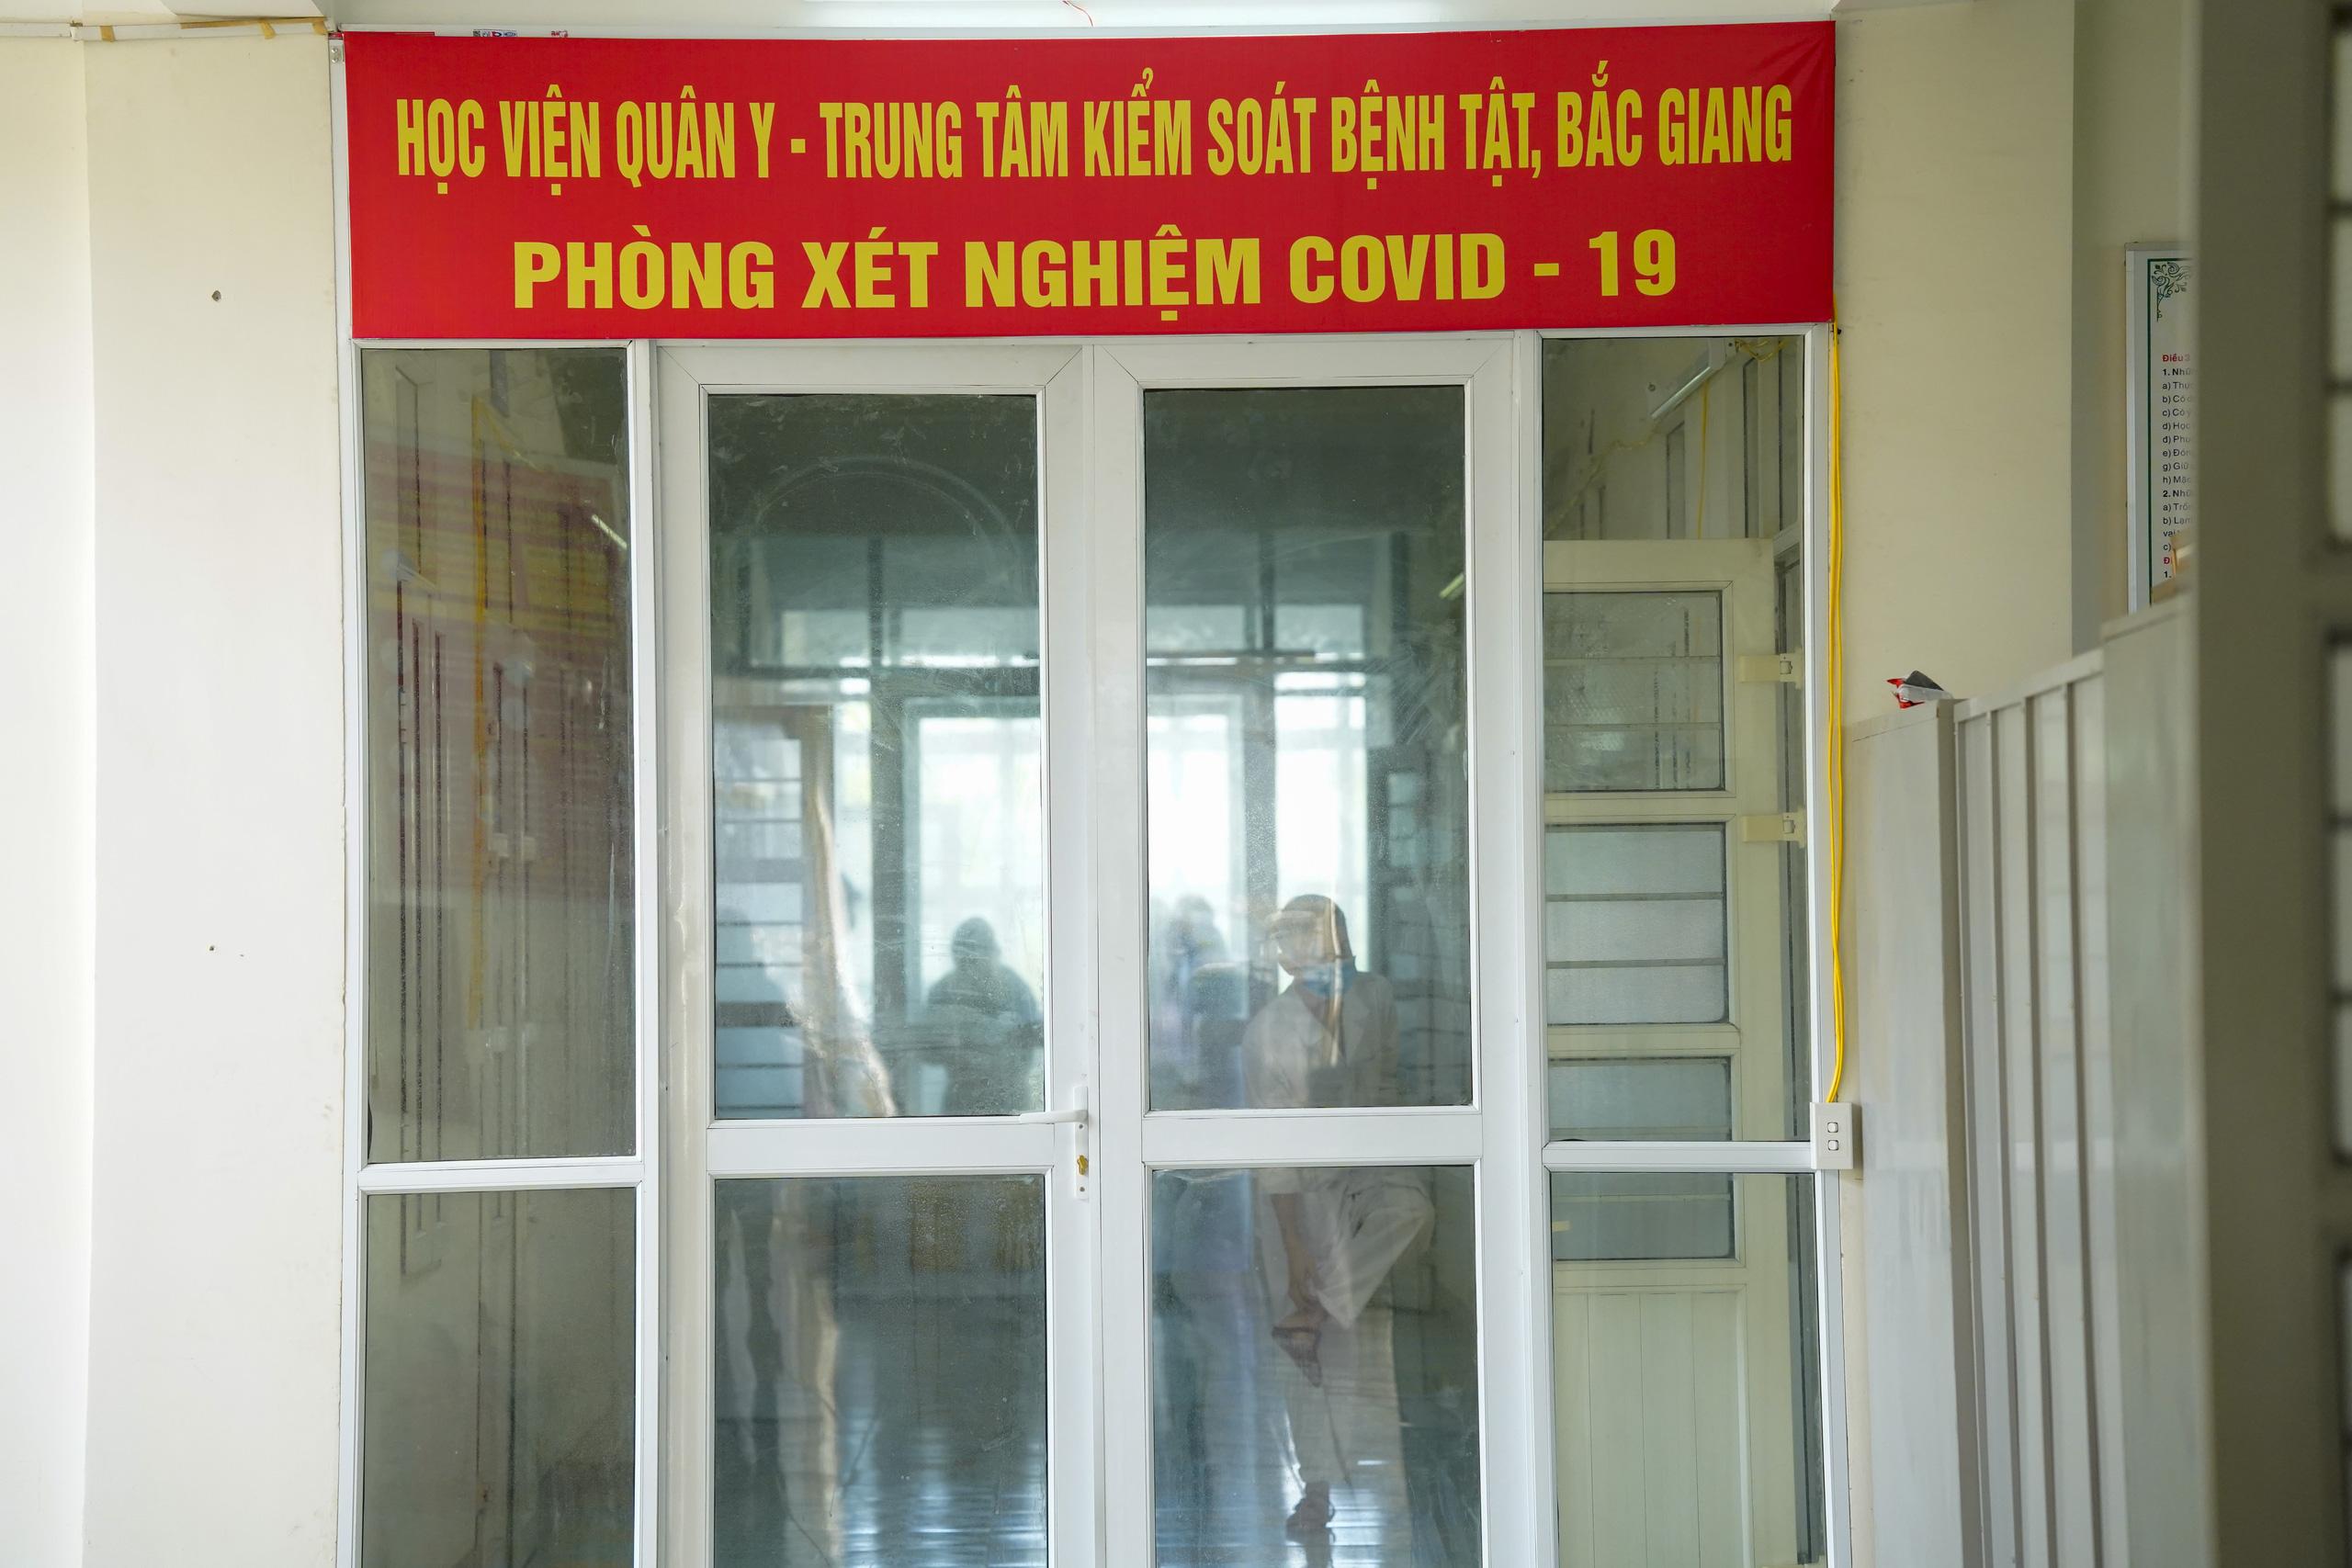 Bên trong phòng xét nghiệm Covid-19 tại tâm dịch Bắc Giang - Ảnh 11.